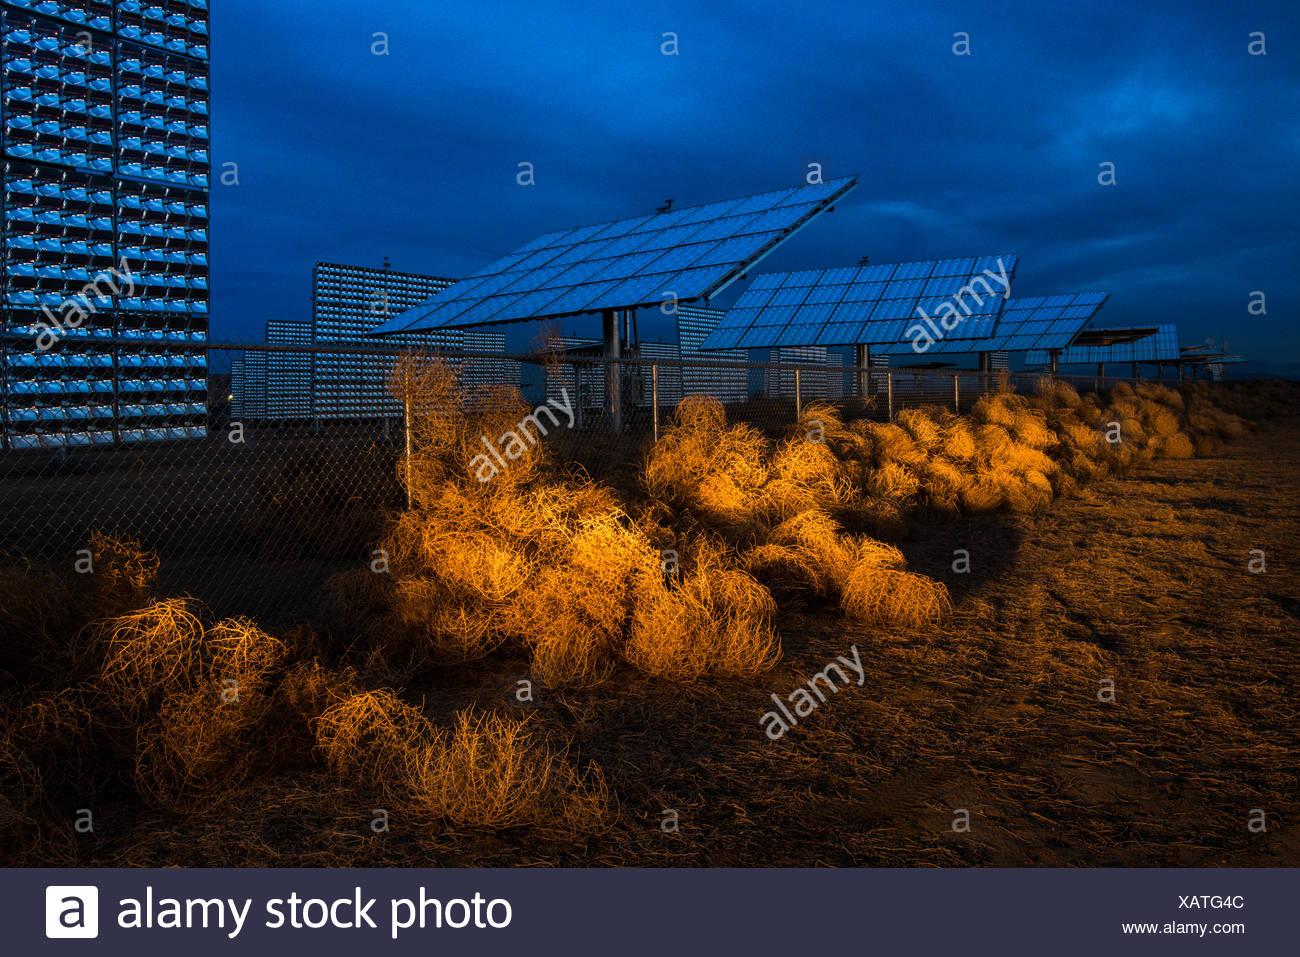 Headlights illuminate tumbleweeds piled up against a fence of solar panels. - Stock Image